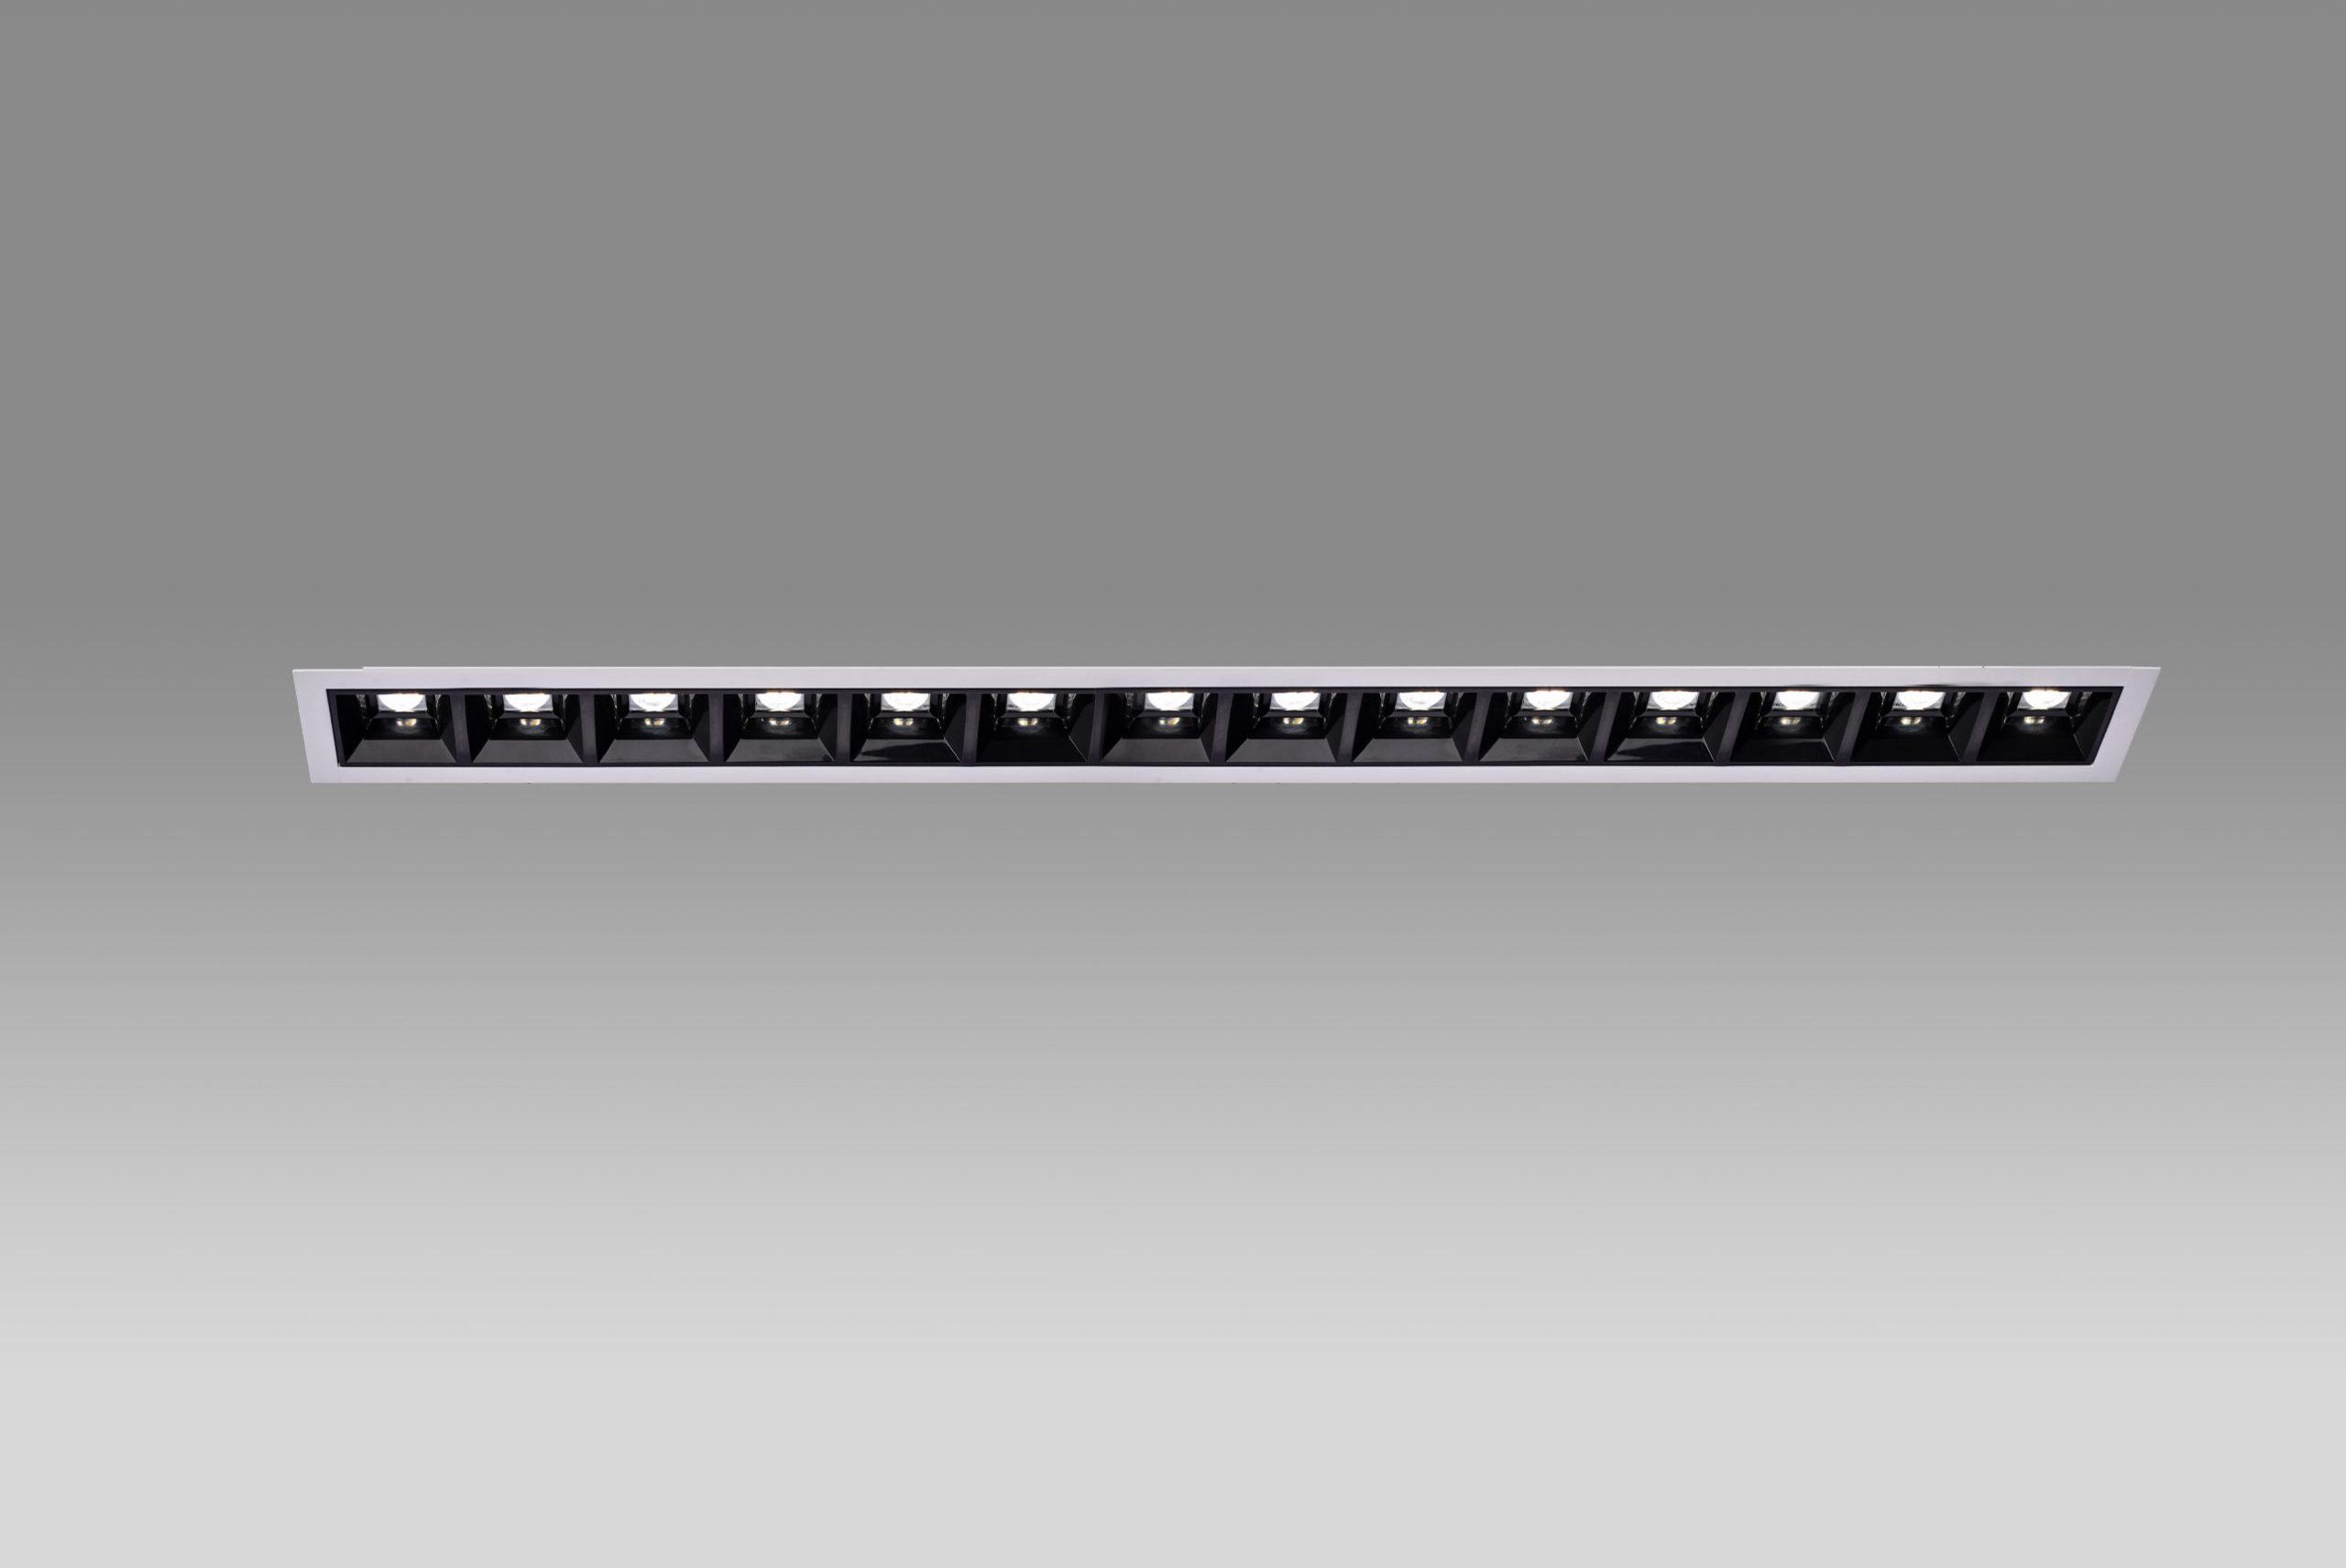 چراغ دانلایت خطی لنزا 56 سانتی متر صنایع روشنایی نورانه